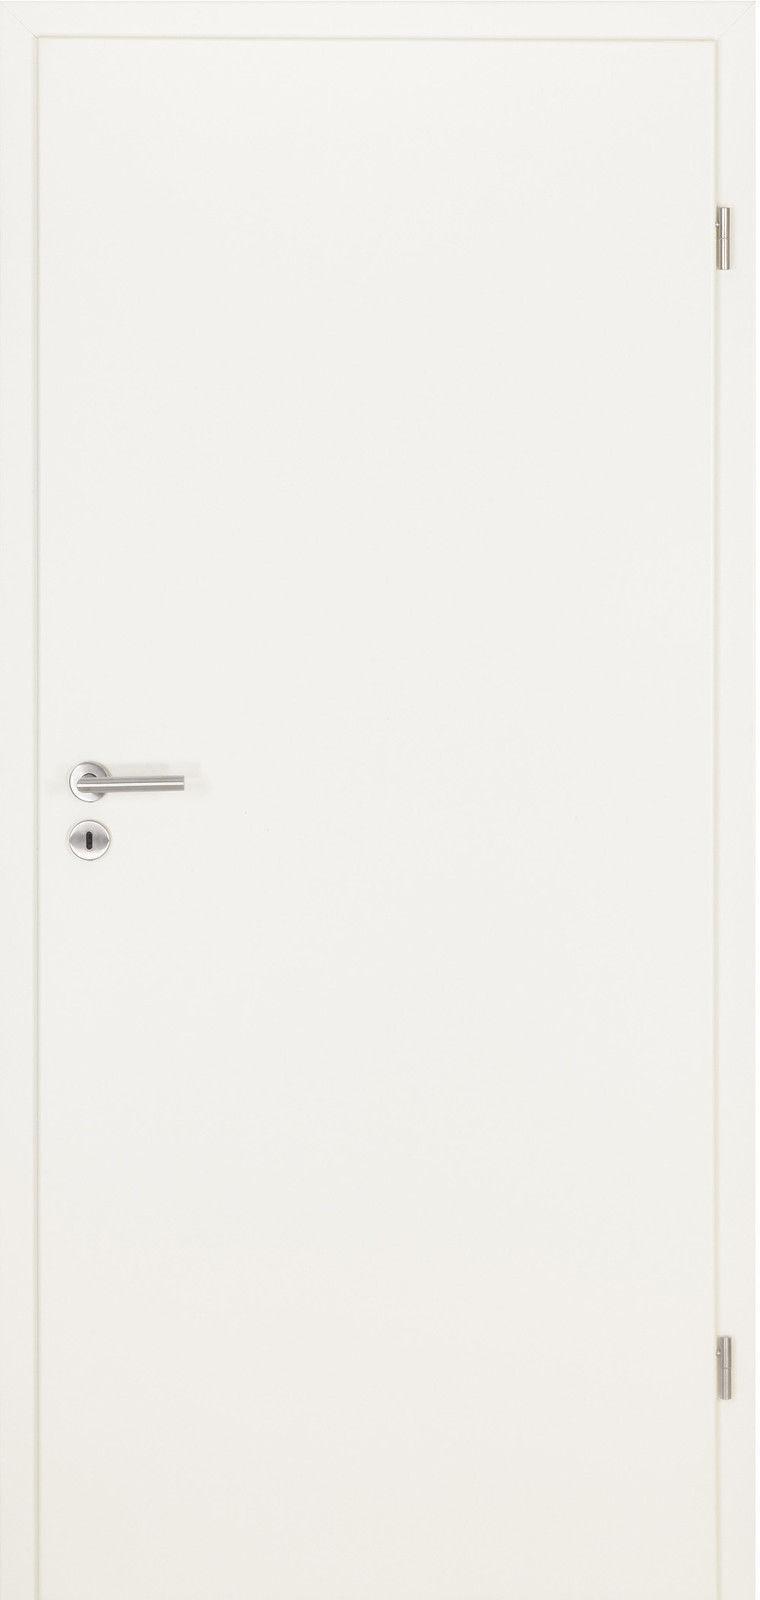 Kuporta CPL Innentür weiss weiß Zimmertür Zimmertüren Tür mit Zarge Bekl. 60 mm